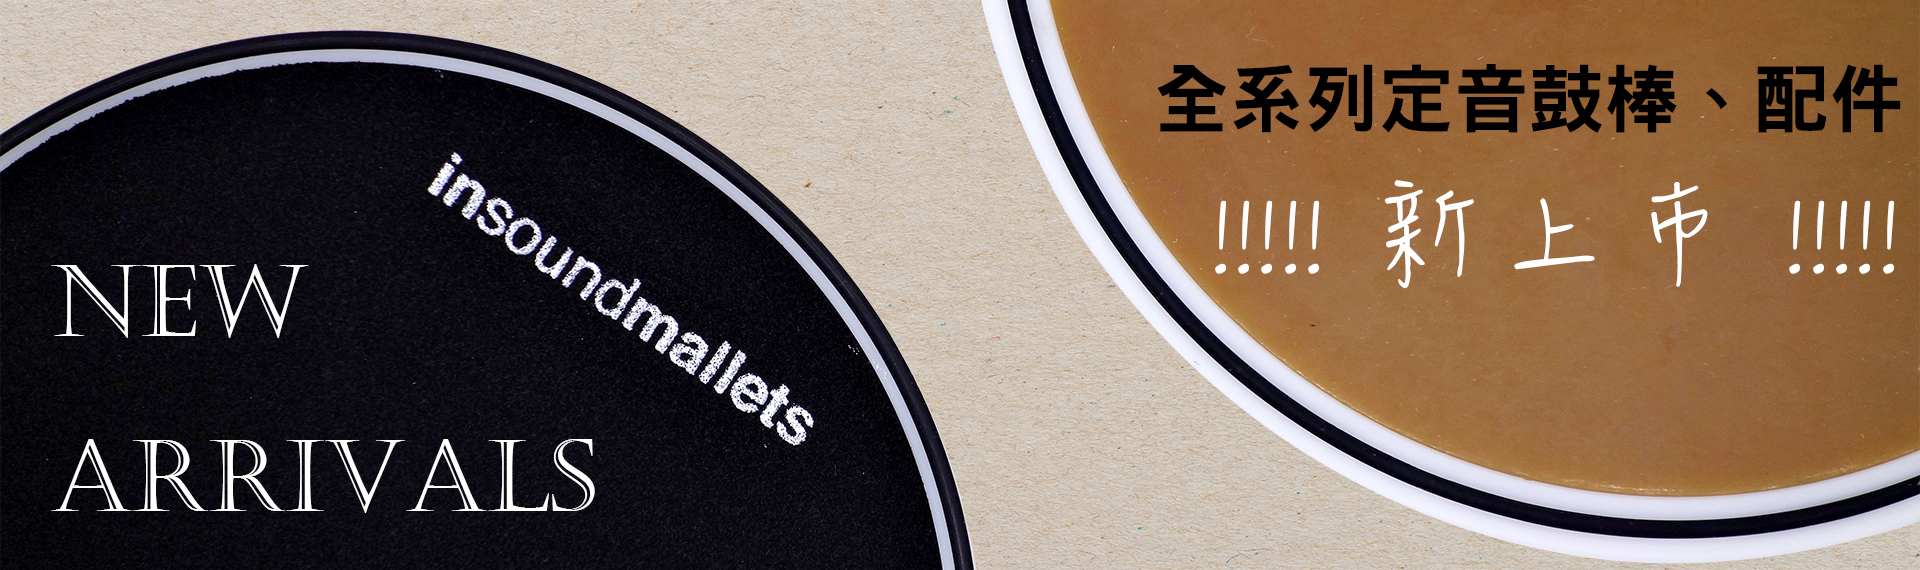 insoundmallets全系列定音鼓棒及配件新上架